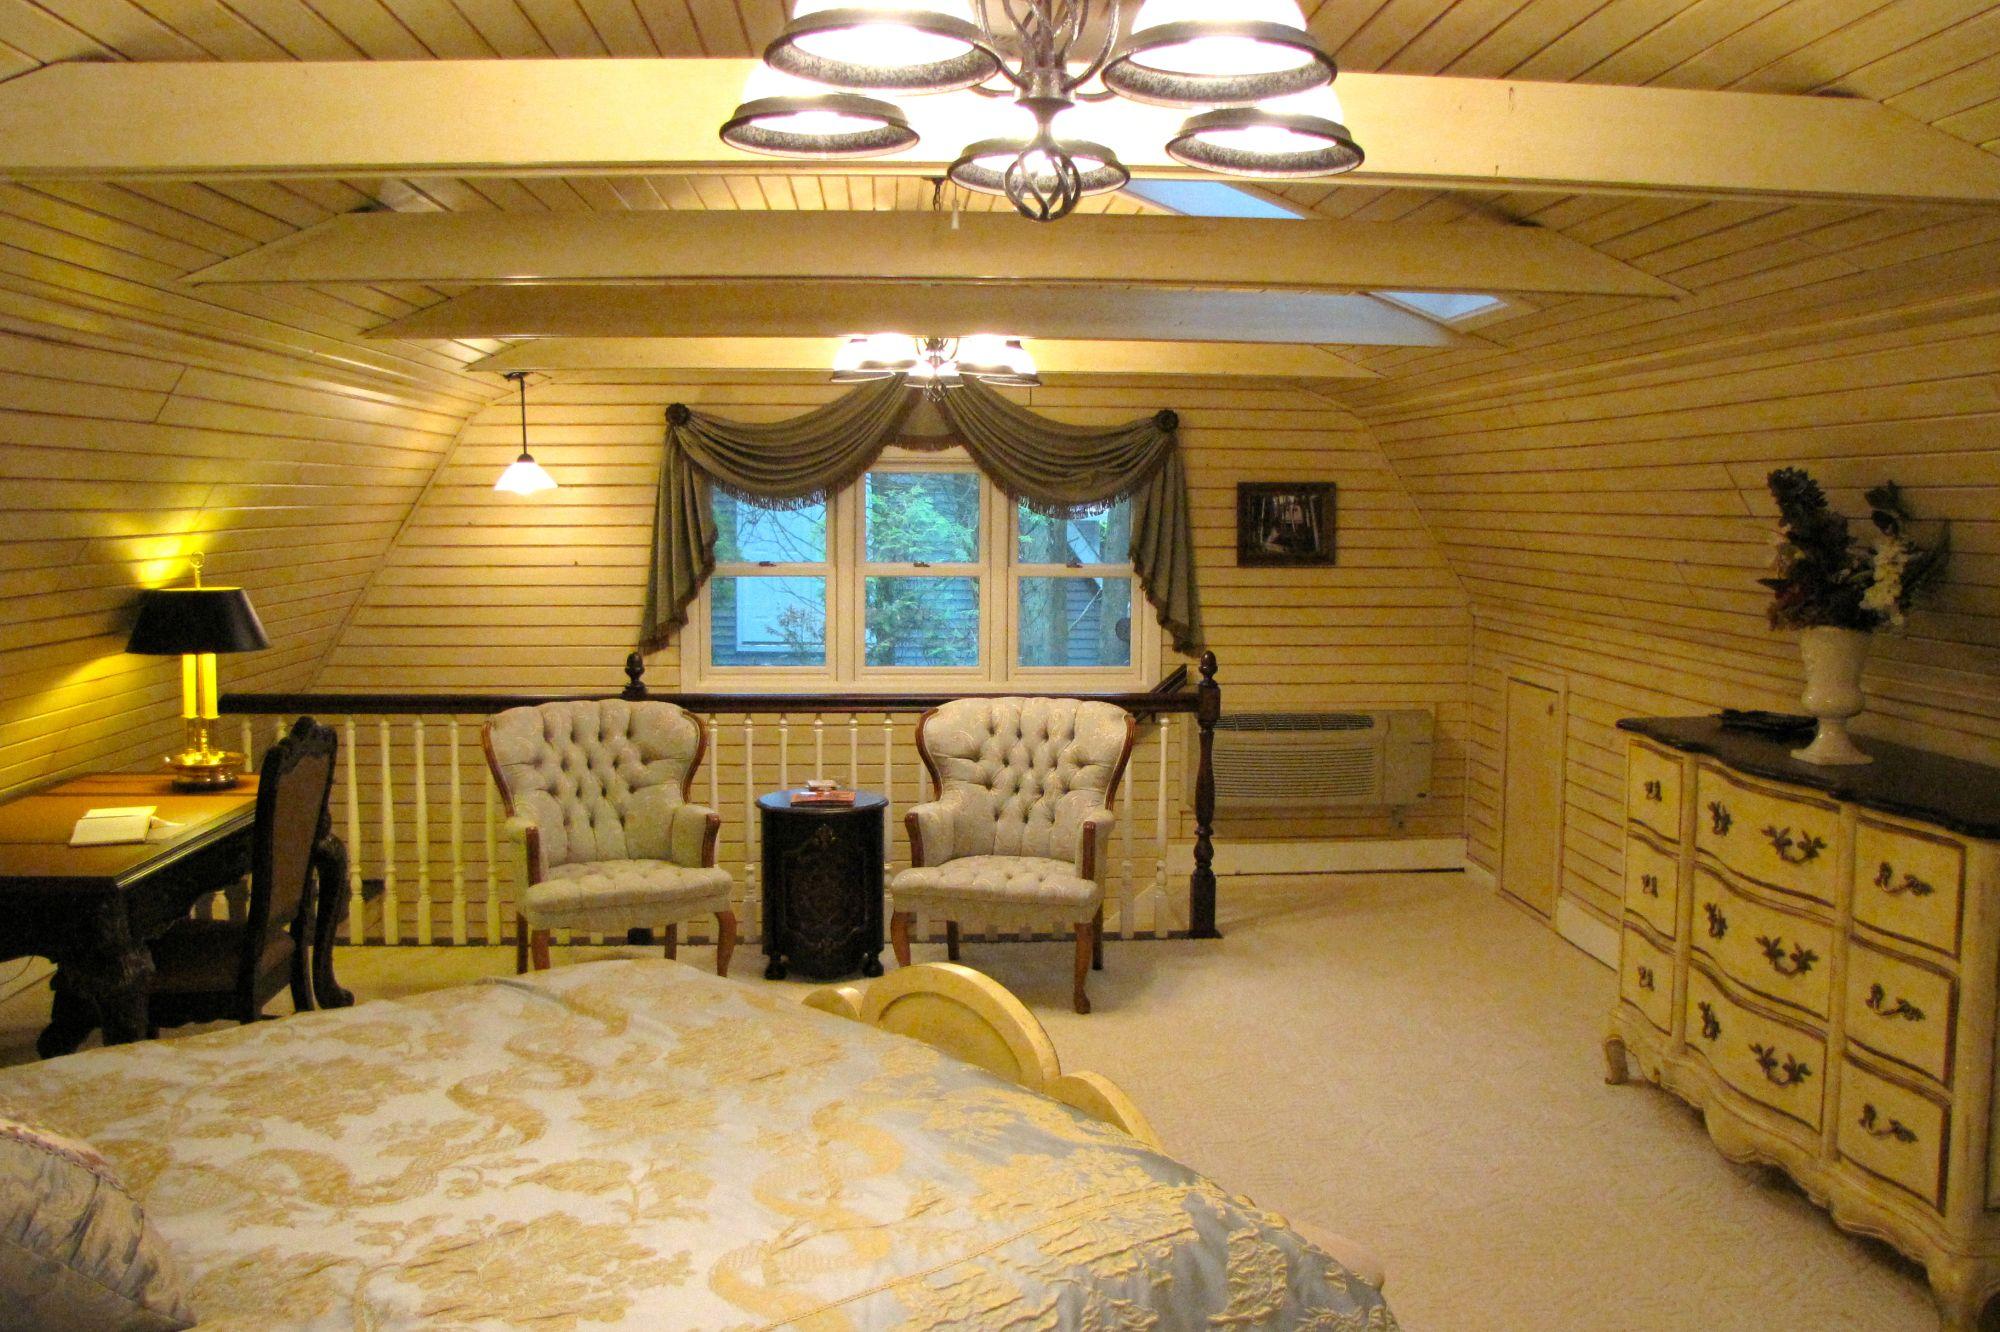 Cottage Mst. Bedroom